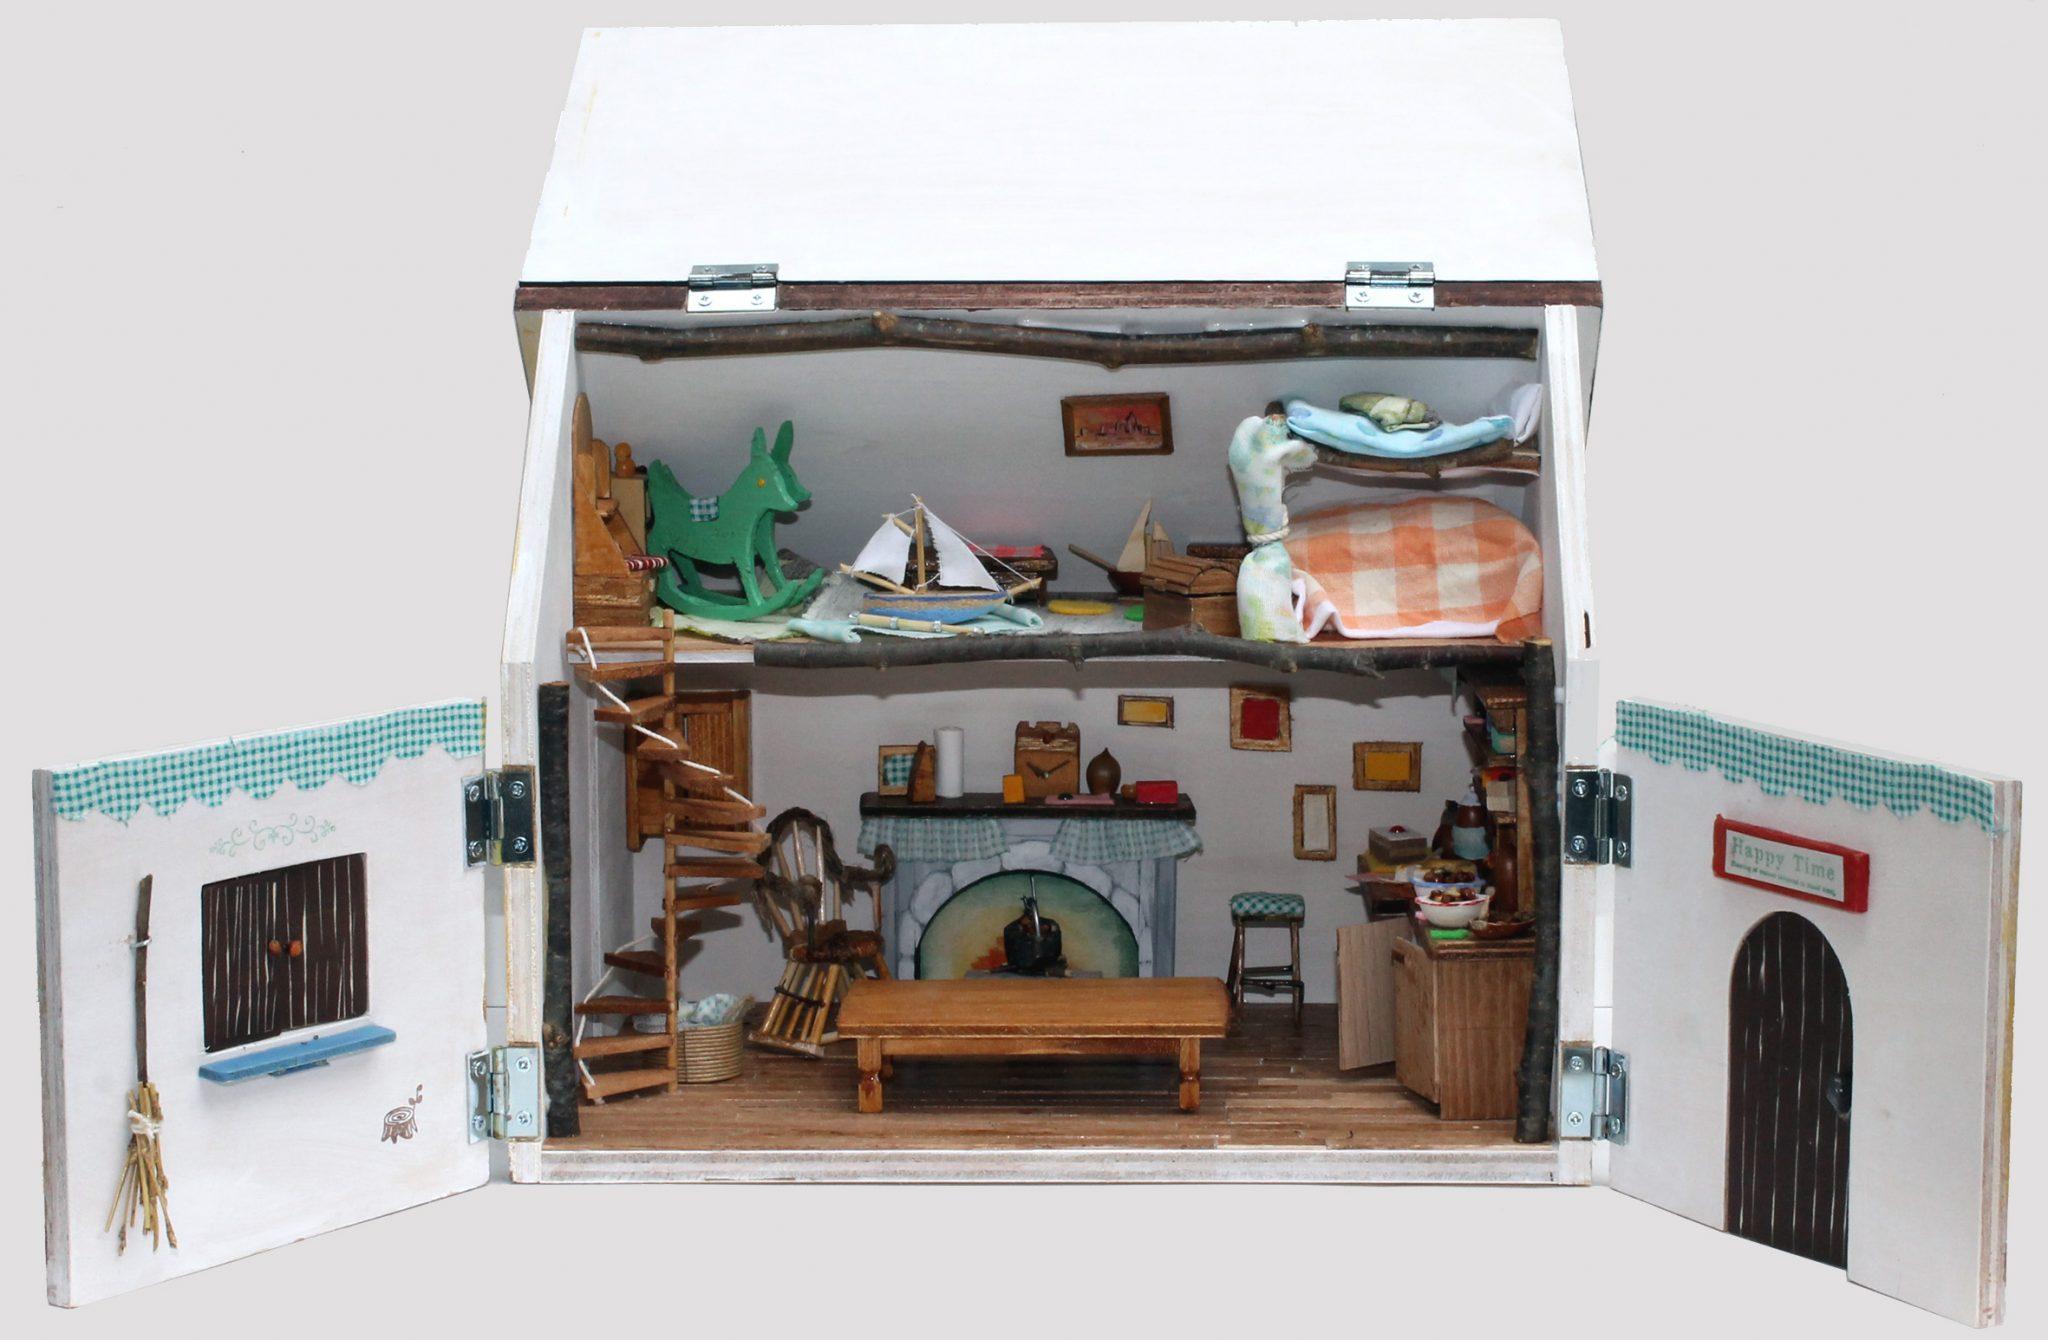 木工WS「家族で楽しむ木の工作」~選べる!木のロボット/ドールハウスづくり~